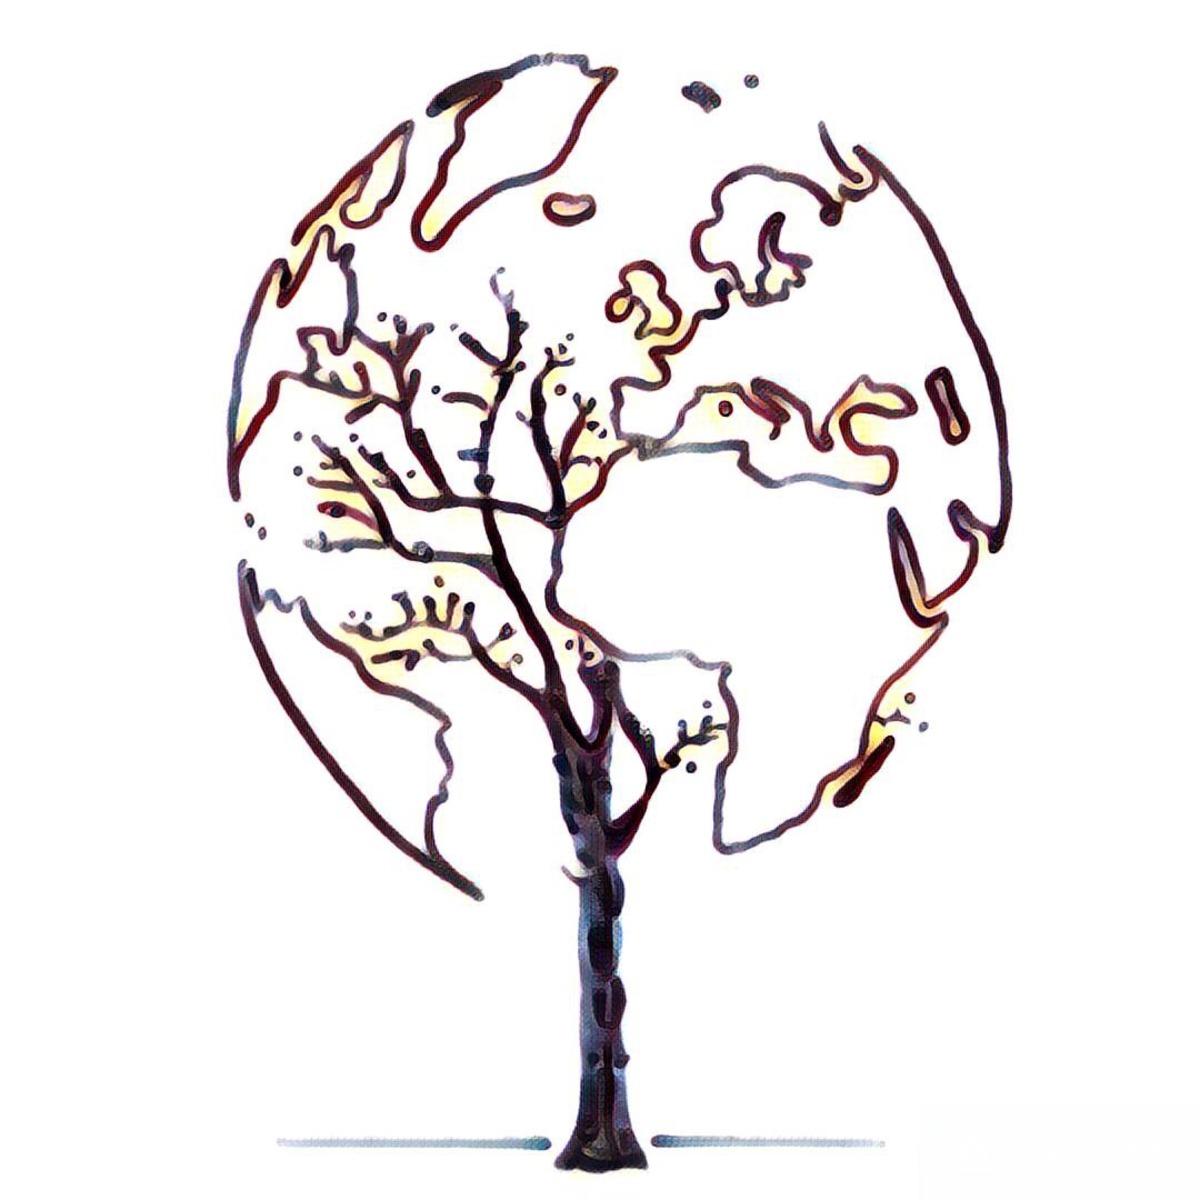 Développement durable course image